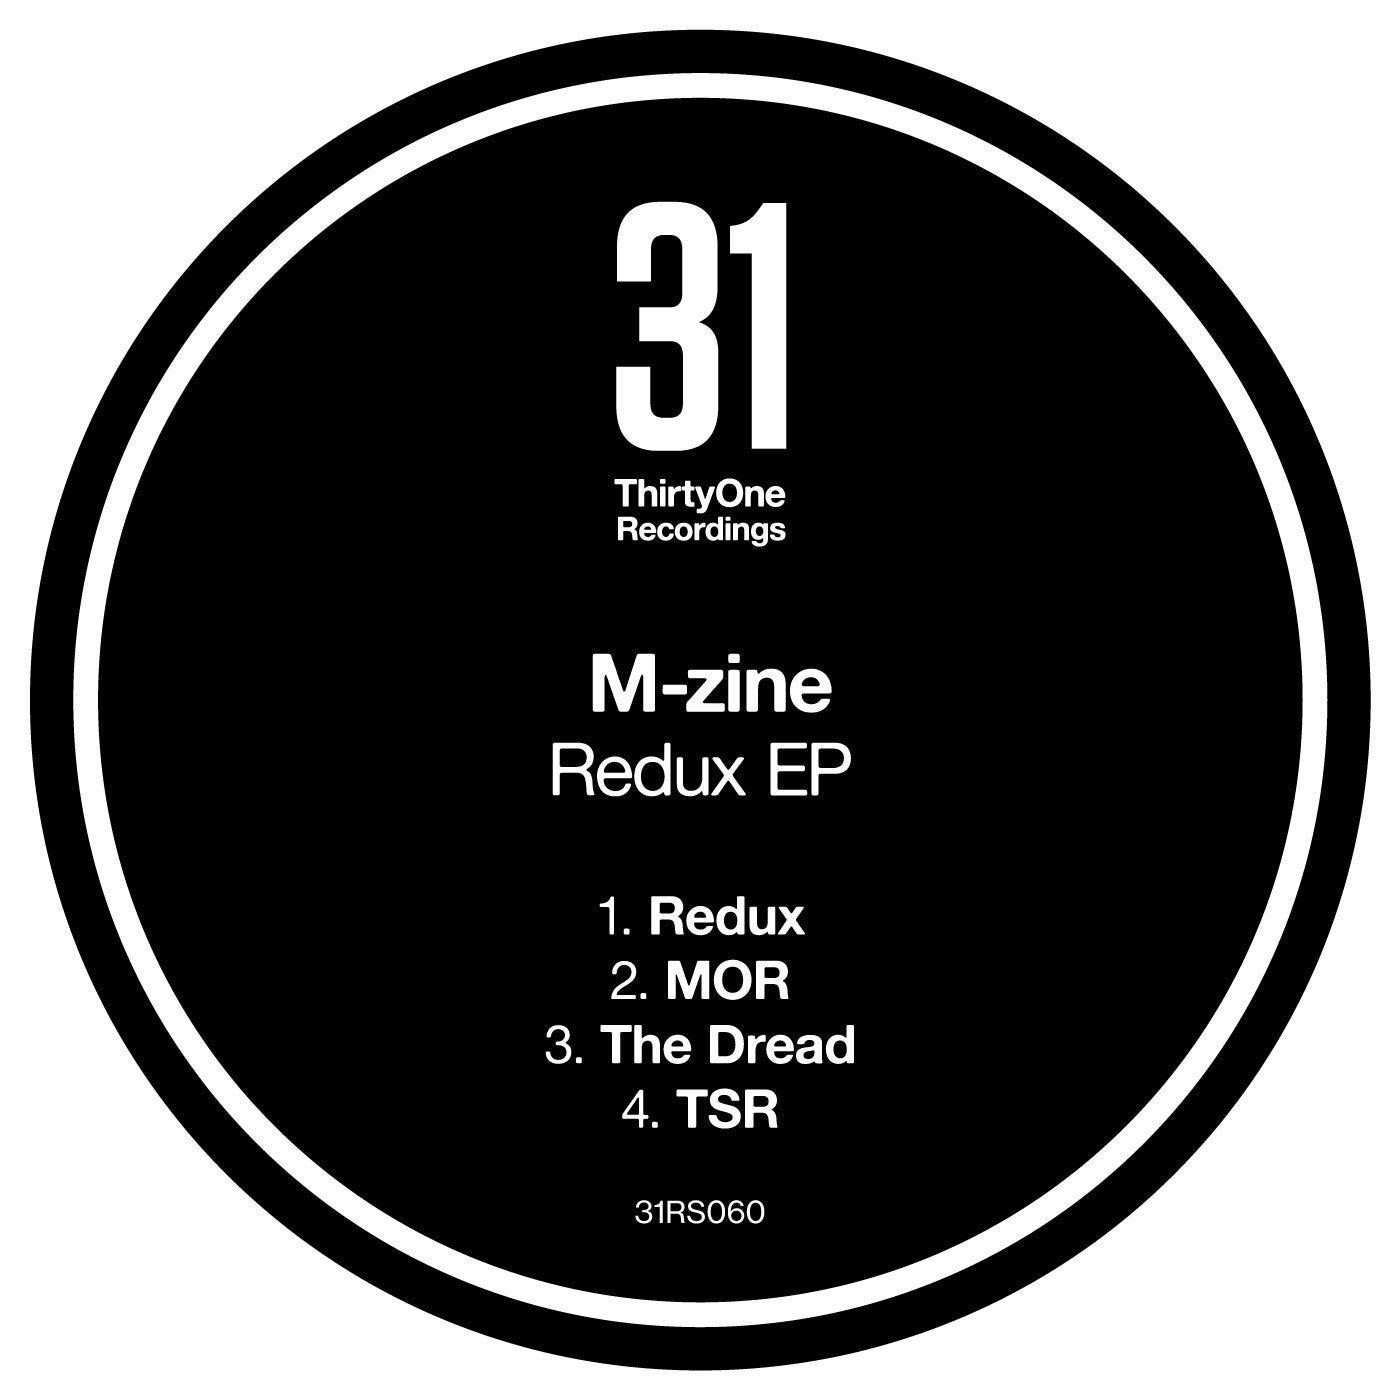 MOR (Original Mix)